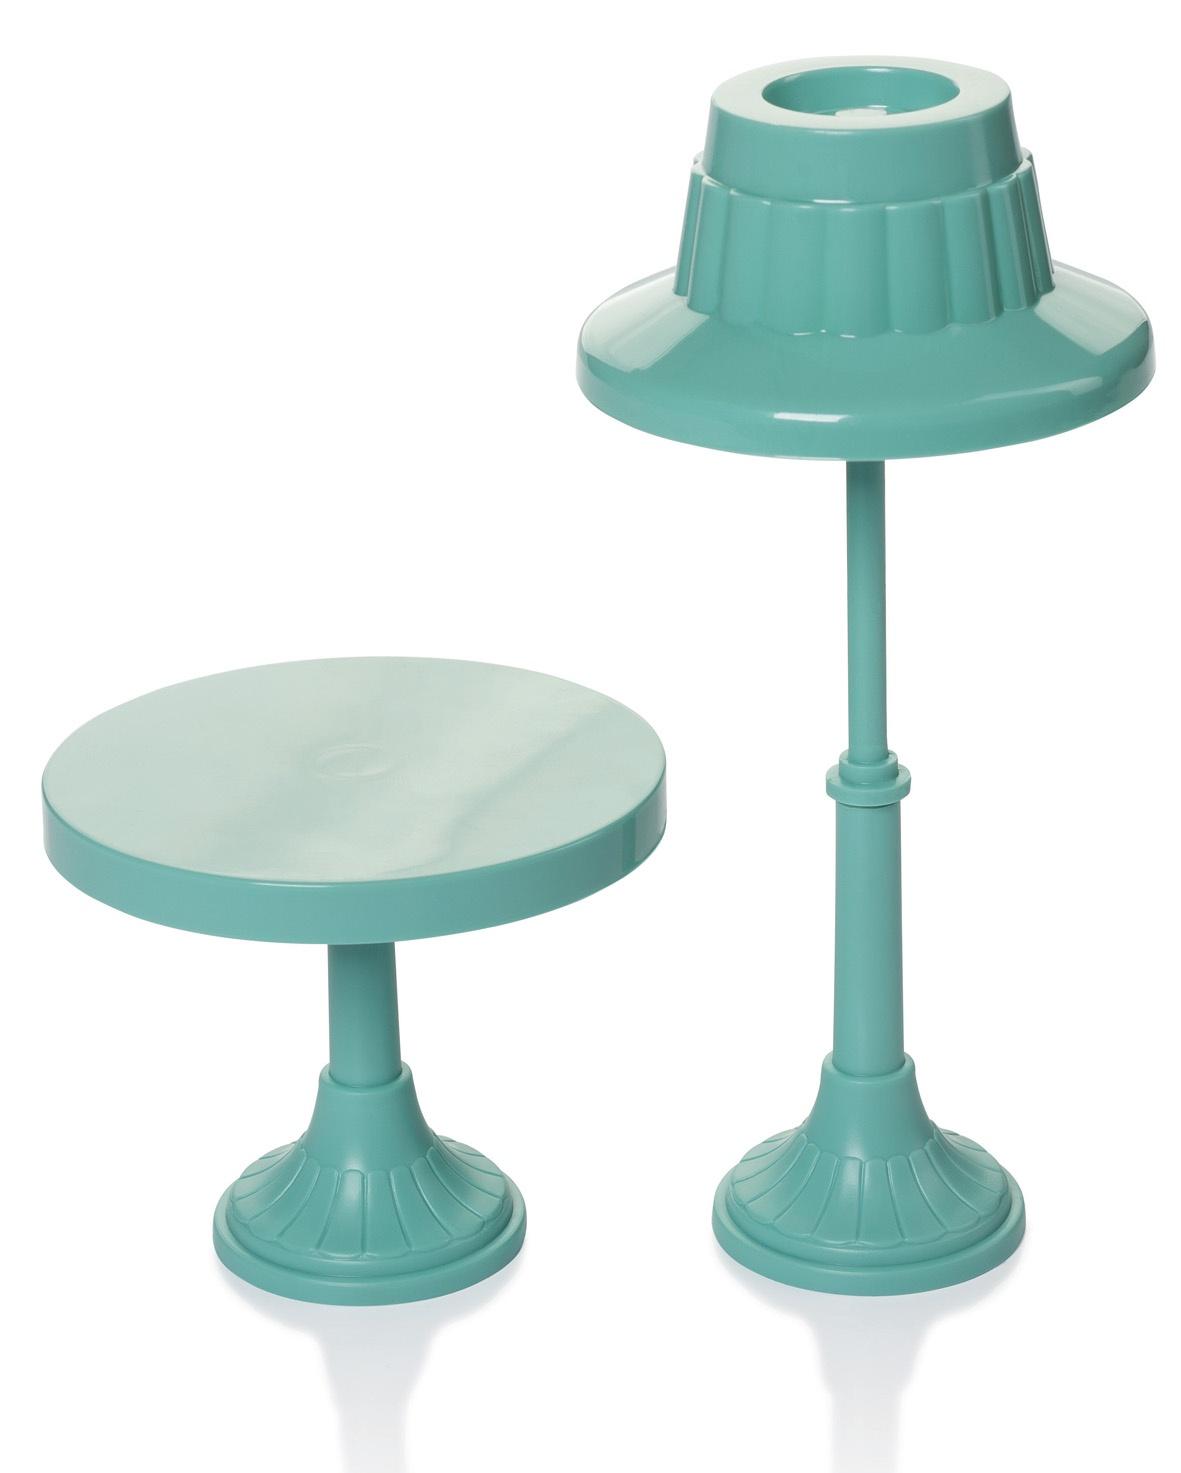 Торшер и столик Огонек С-1493, зеленый